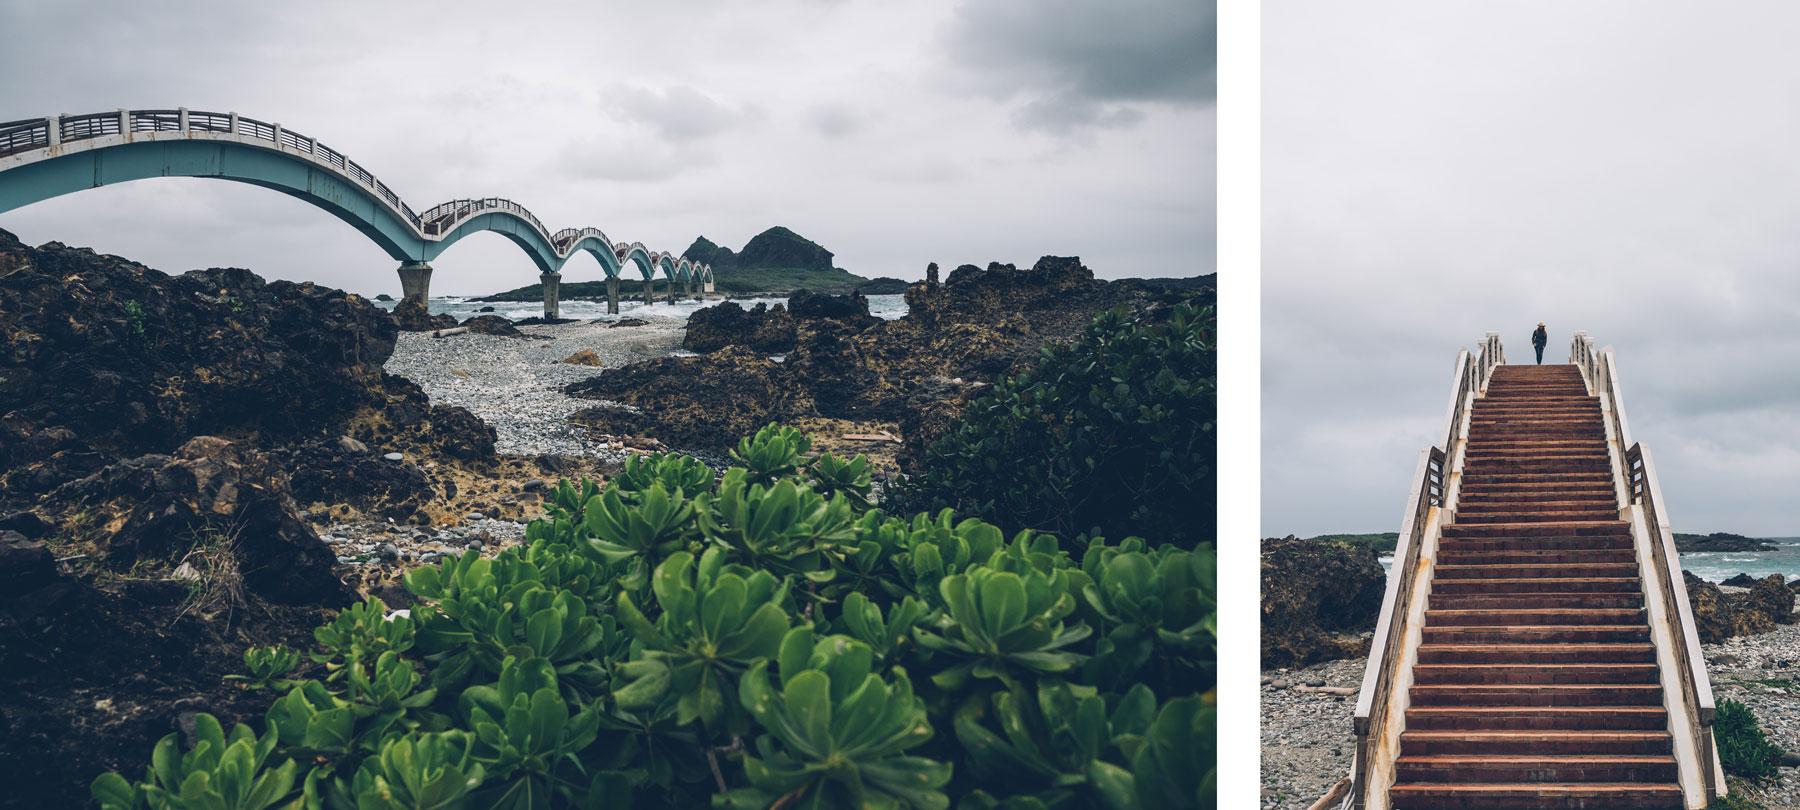 Le pont de Sanxiantai, Taiwan